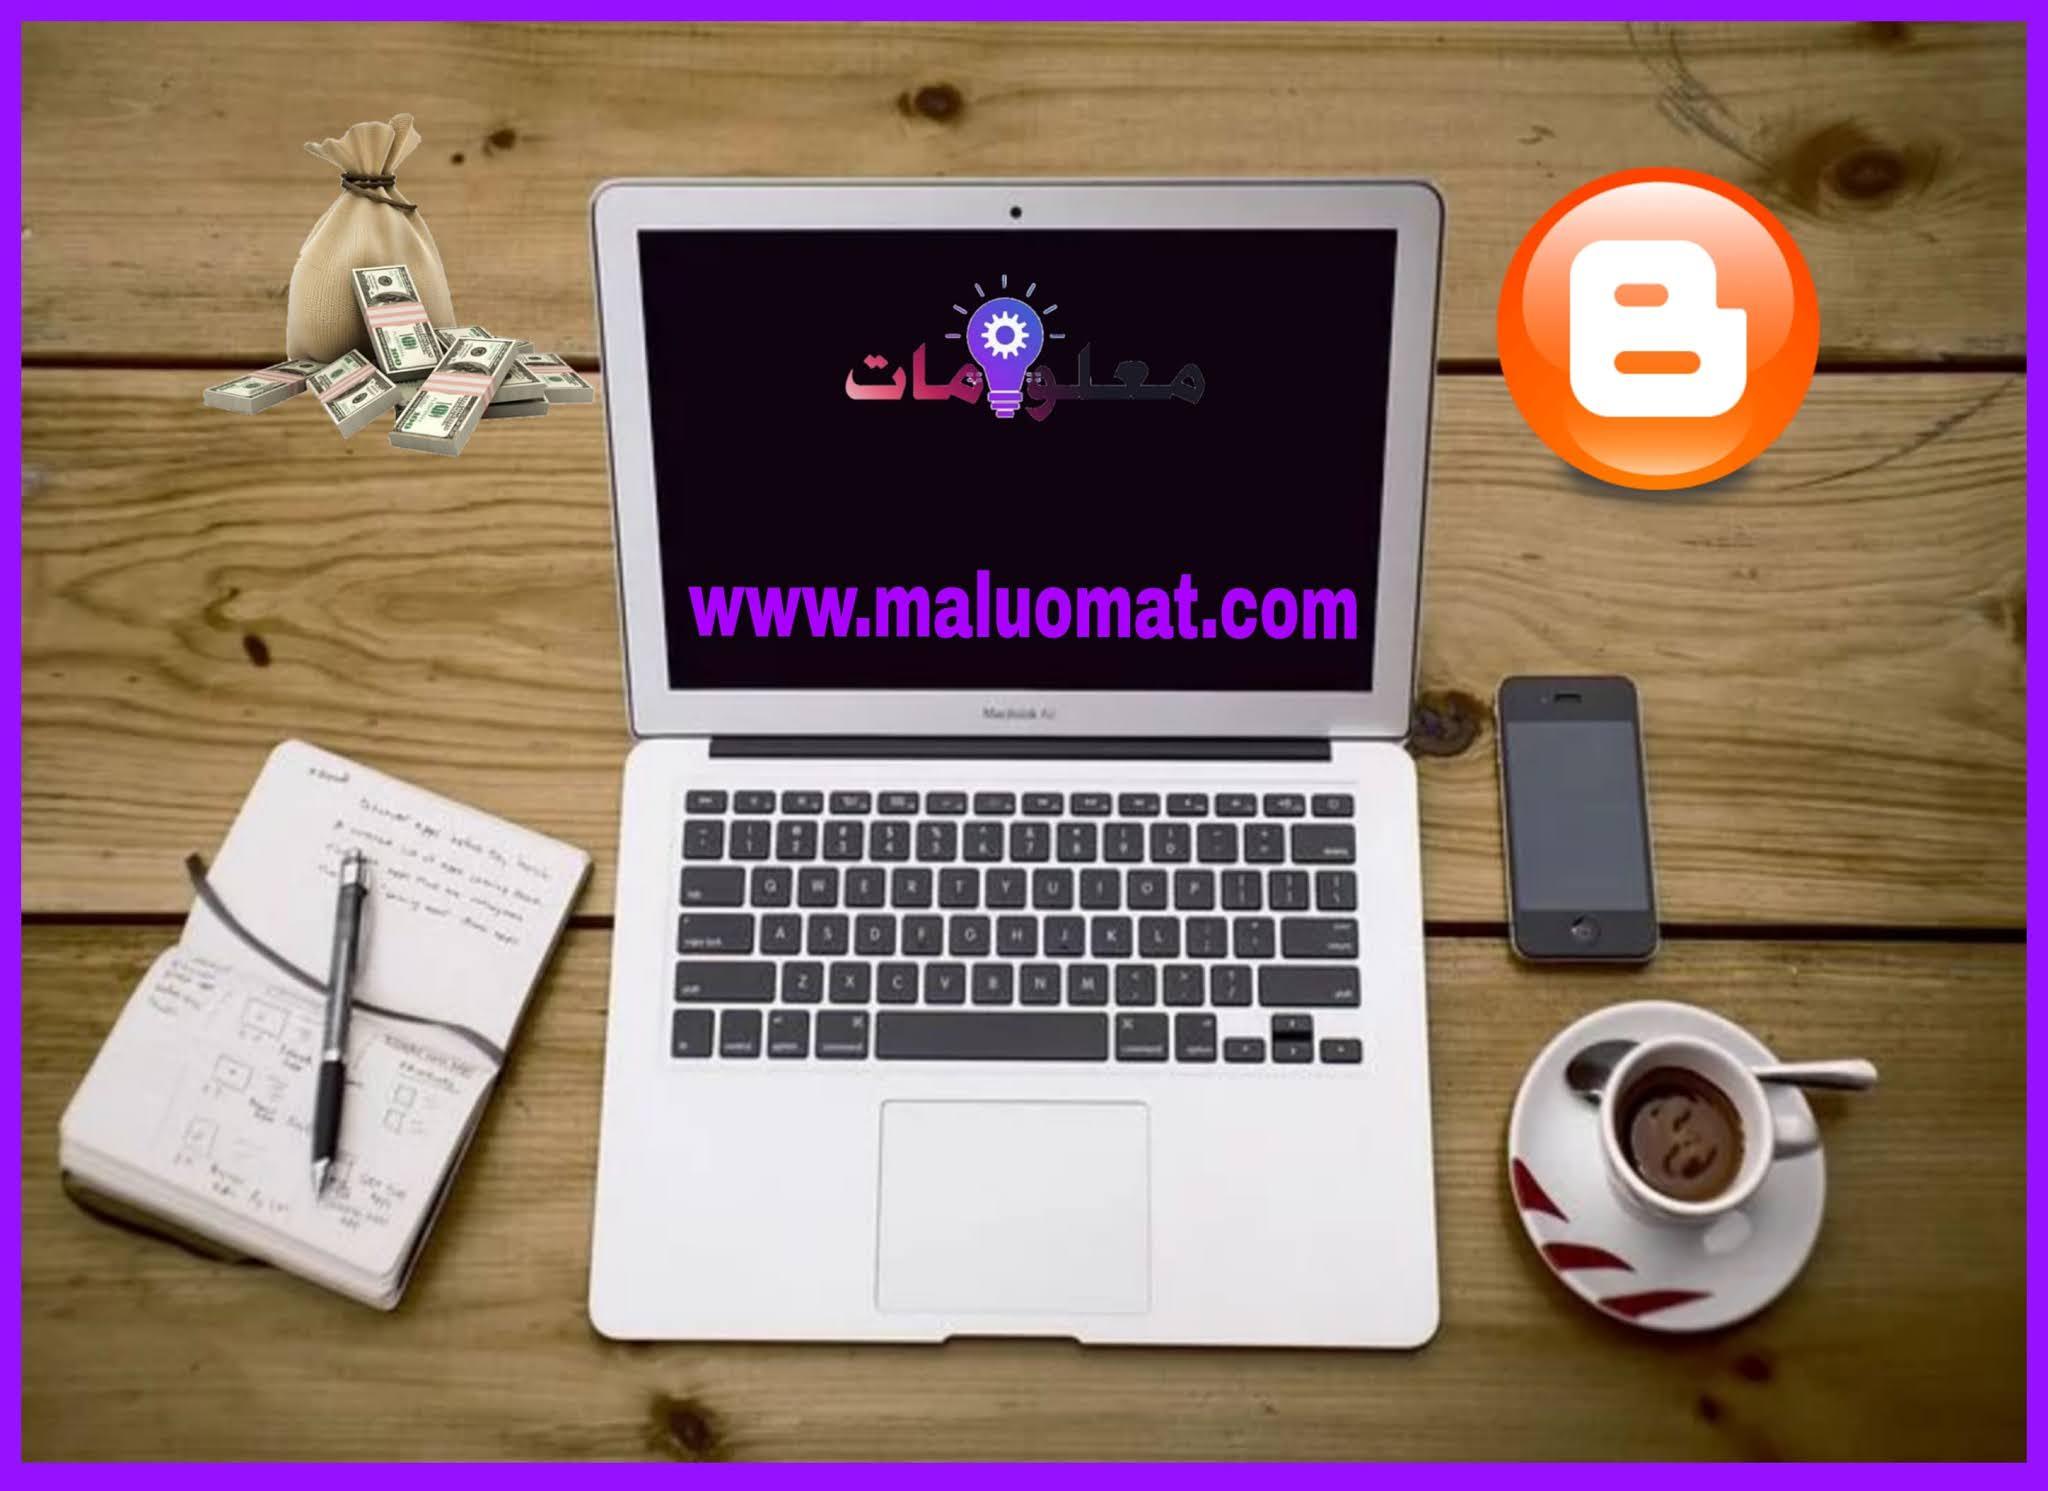 كيفية إنشاء مدونة مدونة بلوجر احترافية 2020 مجانا وطرق الربح منها